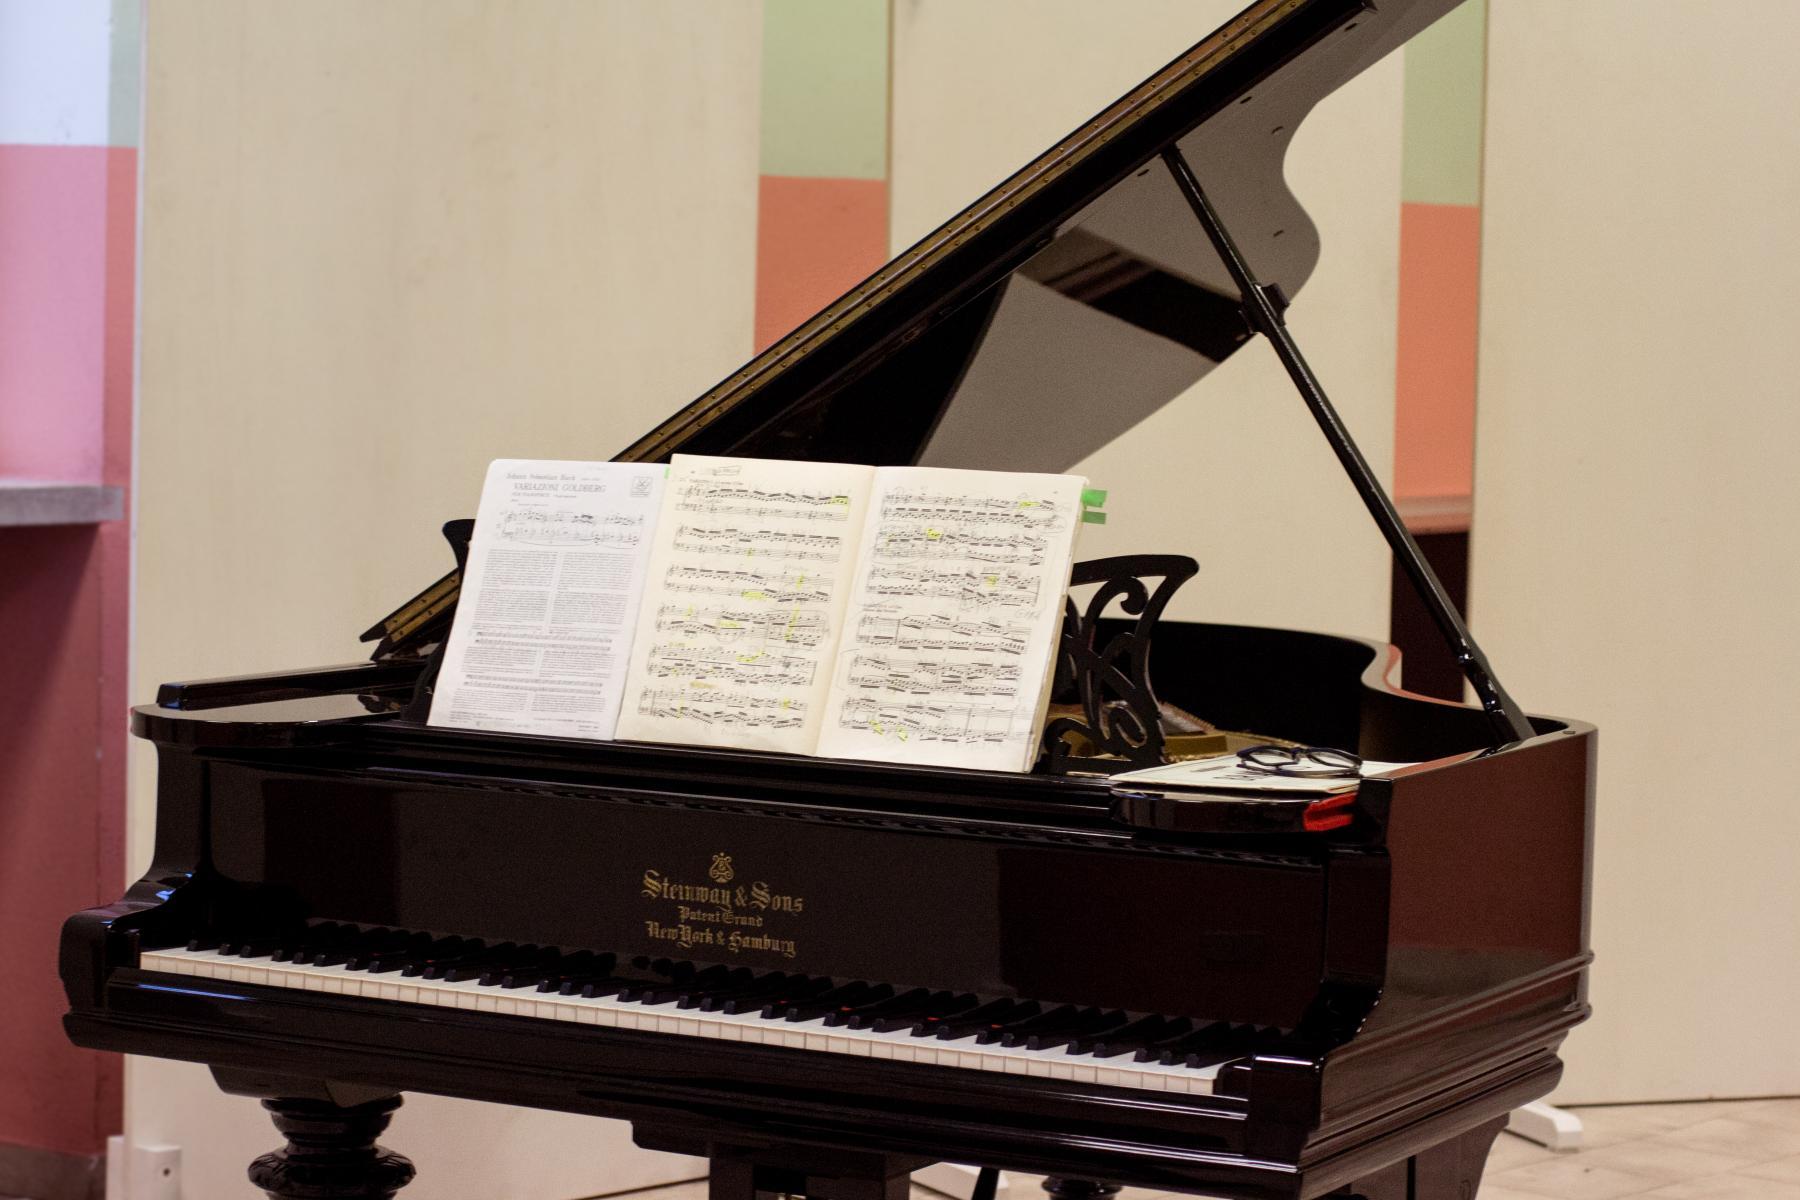 MASTER DI PIANOFORTE CON IL MAESTRO GERARDO CHIMINI: UN'OCCASIONE IMPORTANTE DI CRESCITA